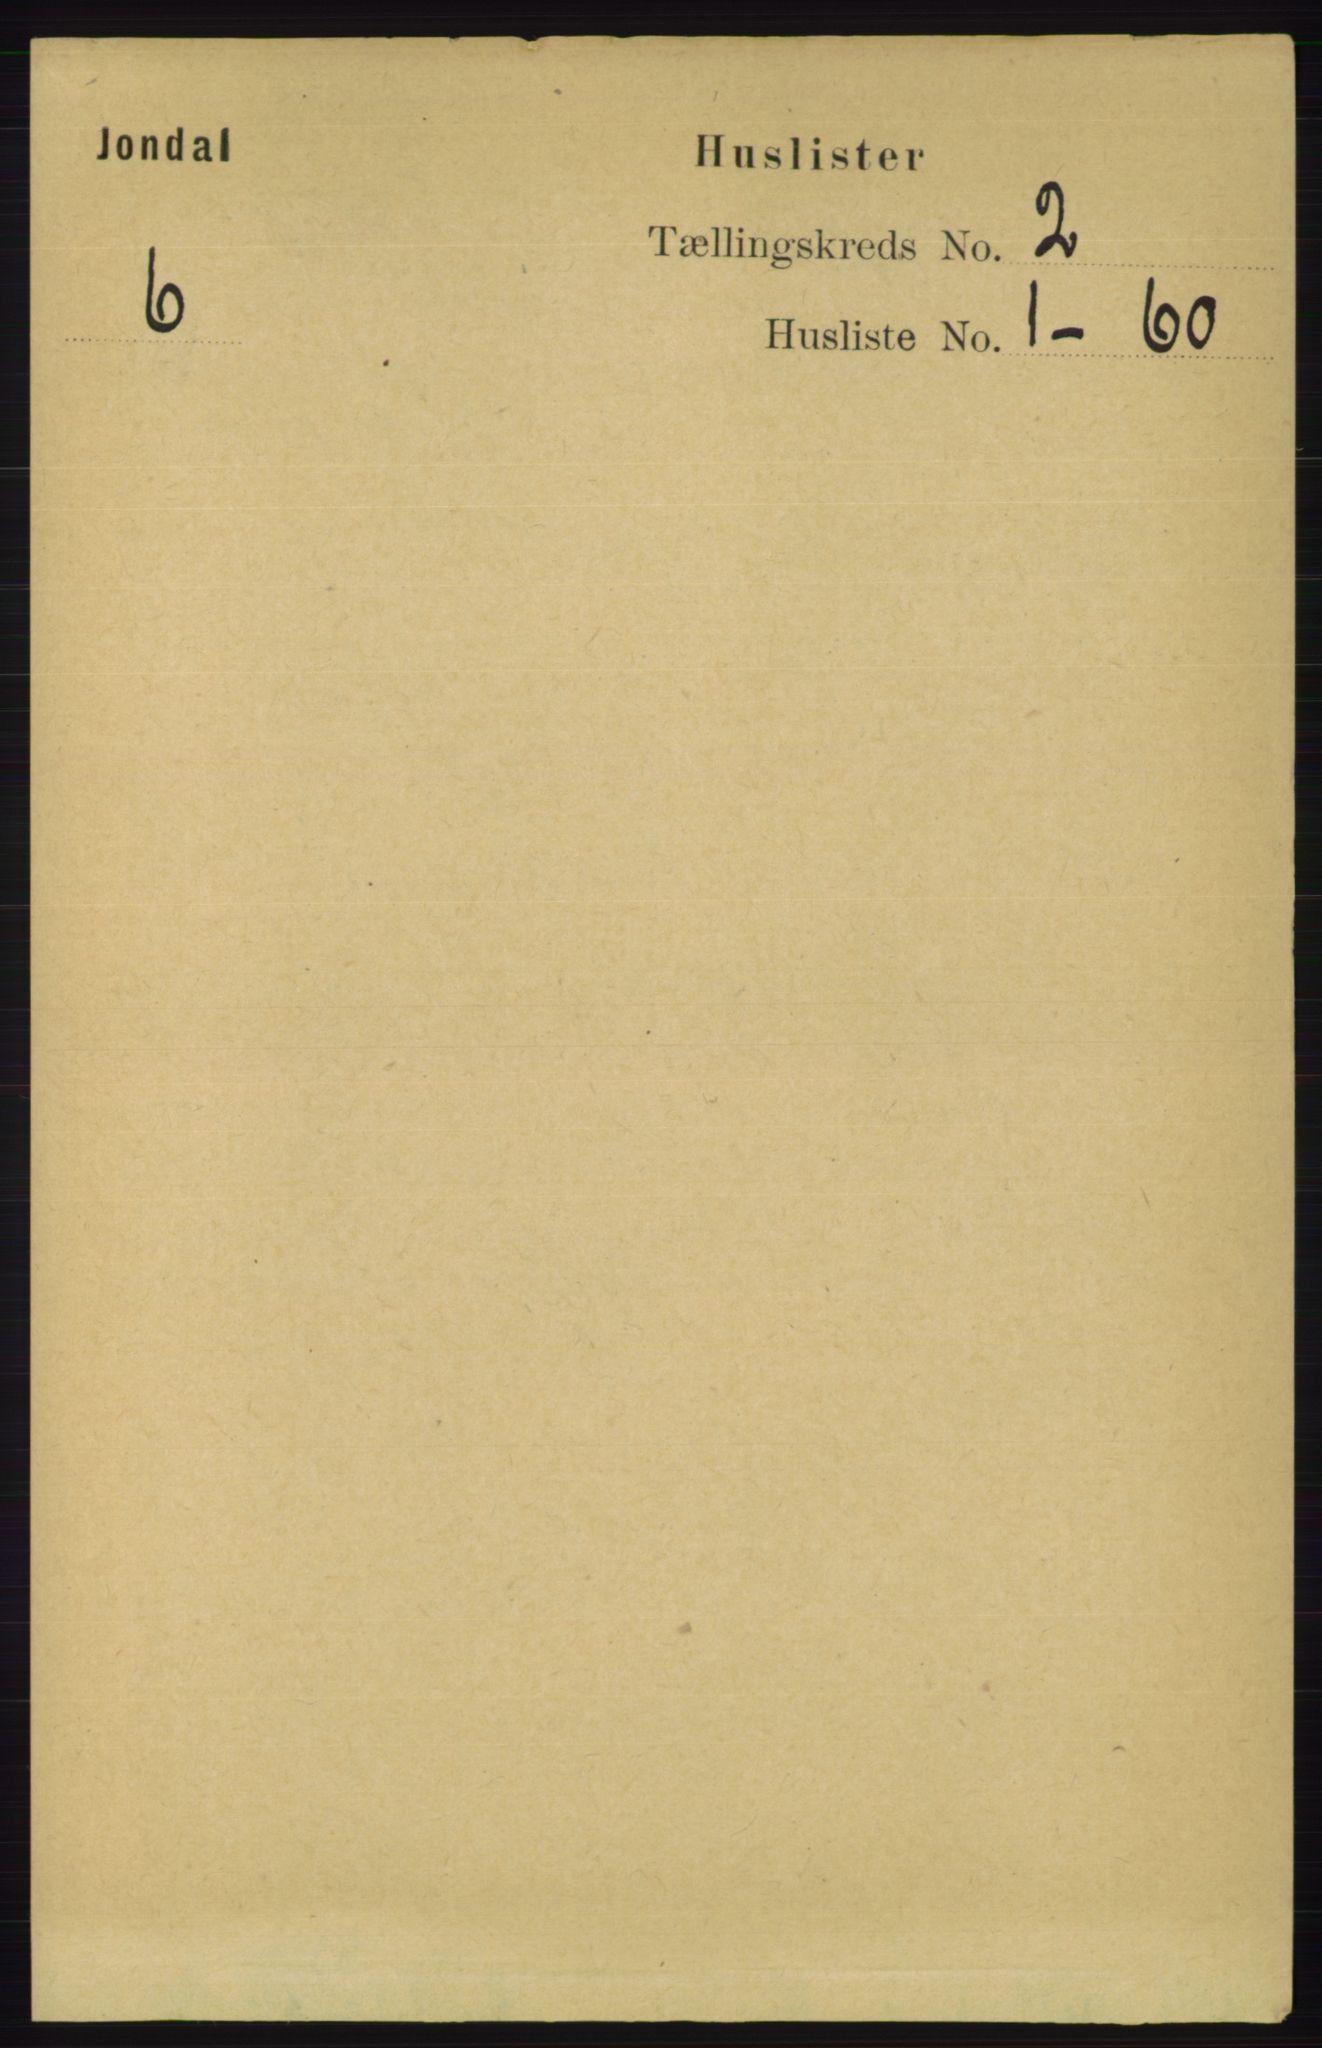 RA, Folketelling 1891 for 1227 Jondal herred, 1891, s. 776